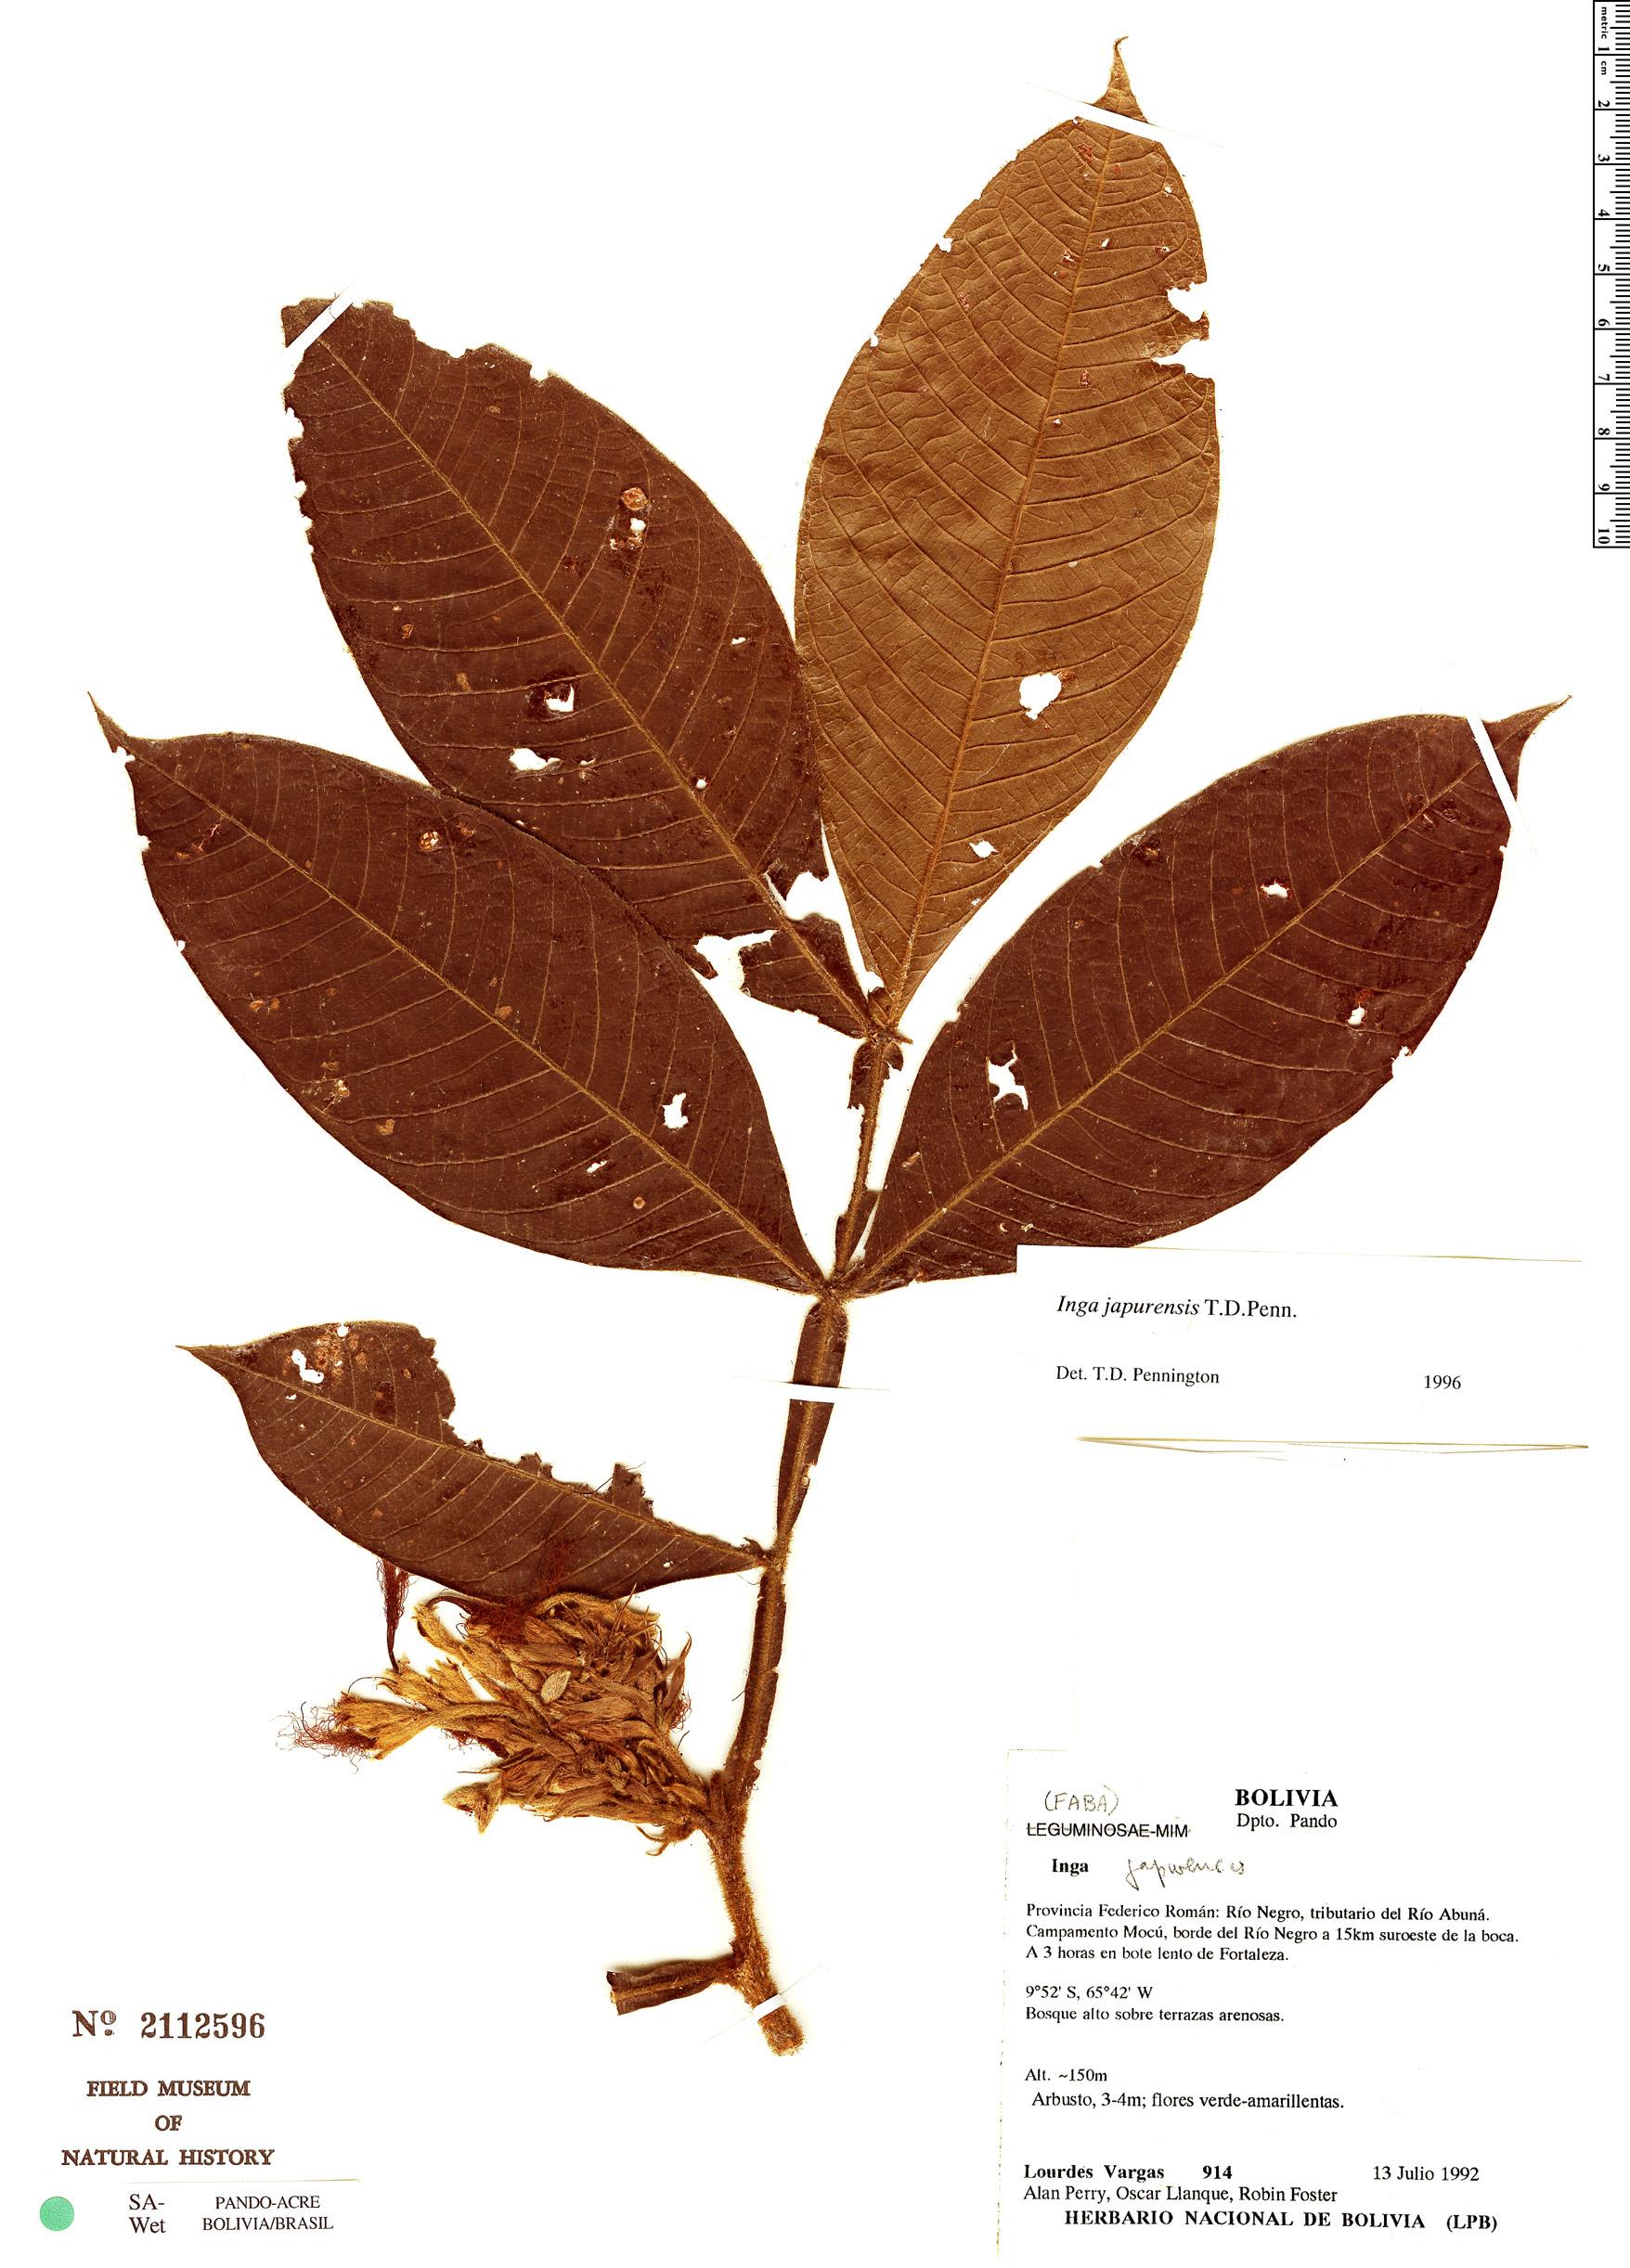 Specimen: Inga japurensis